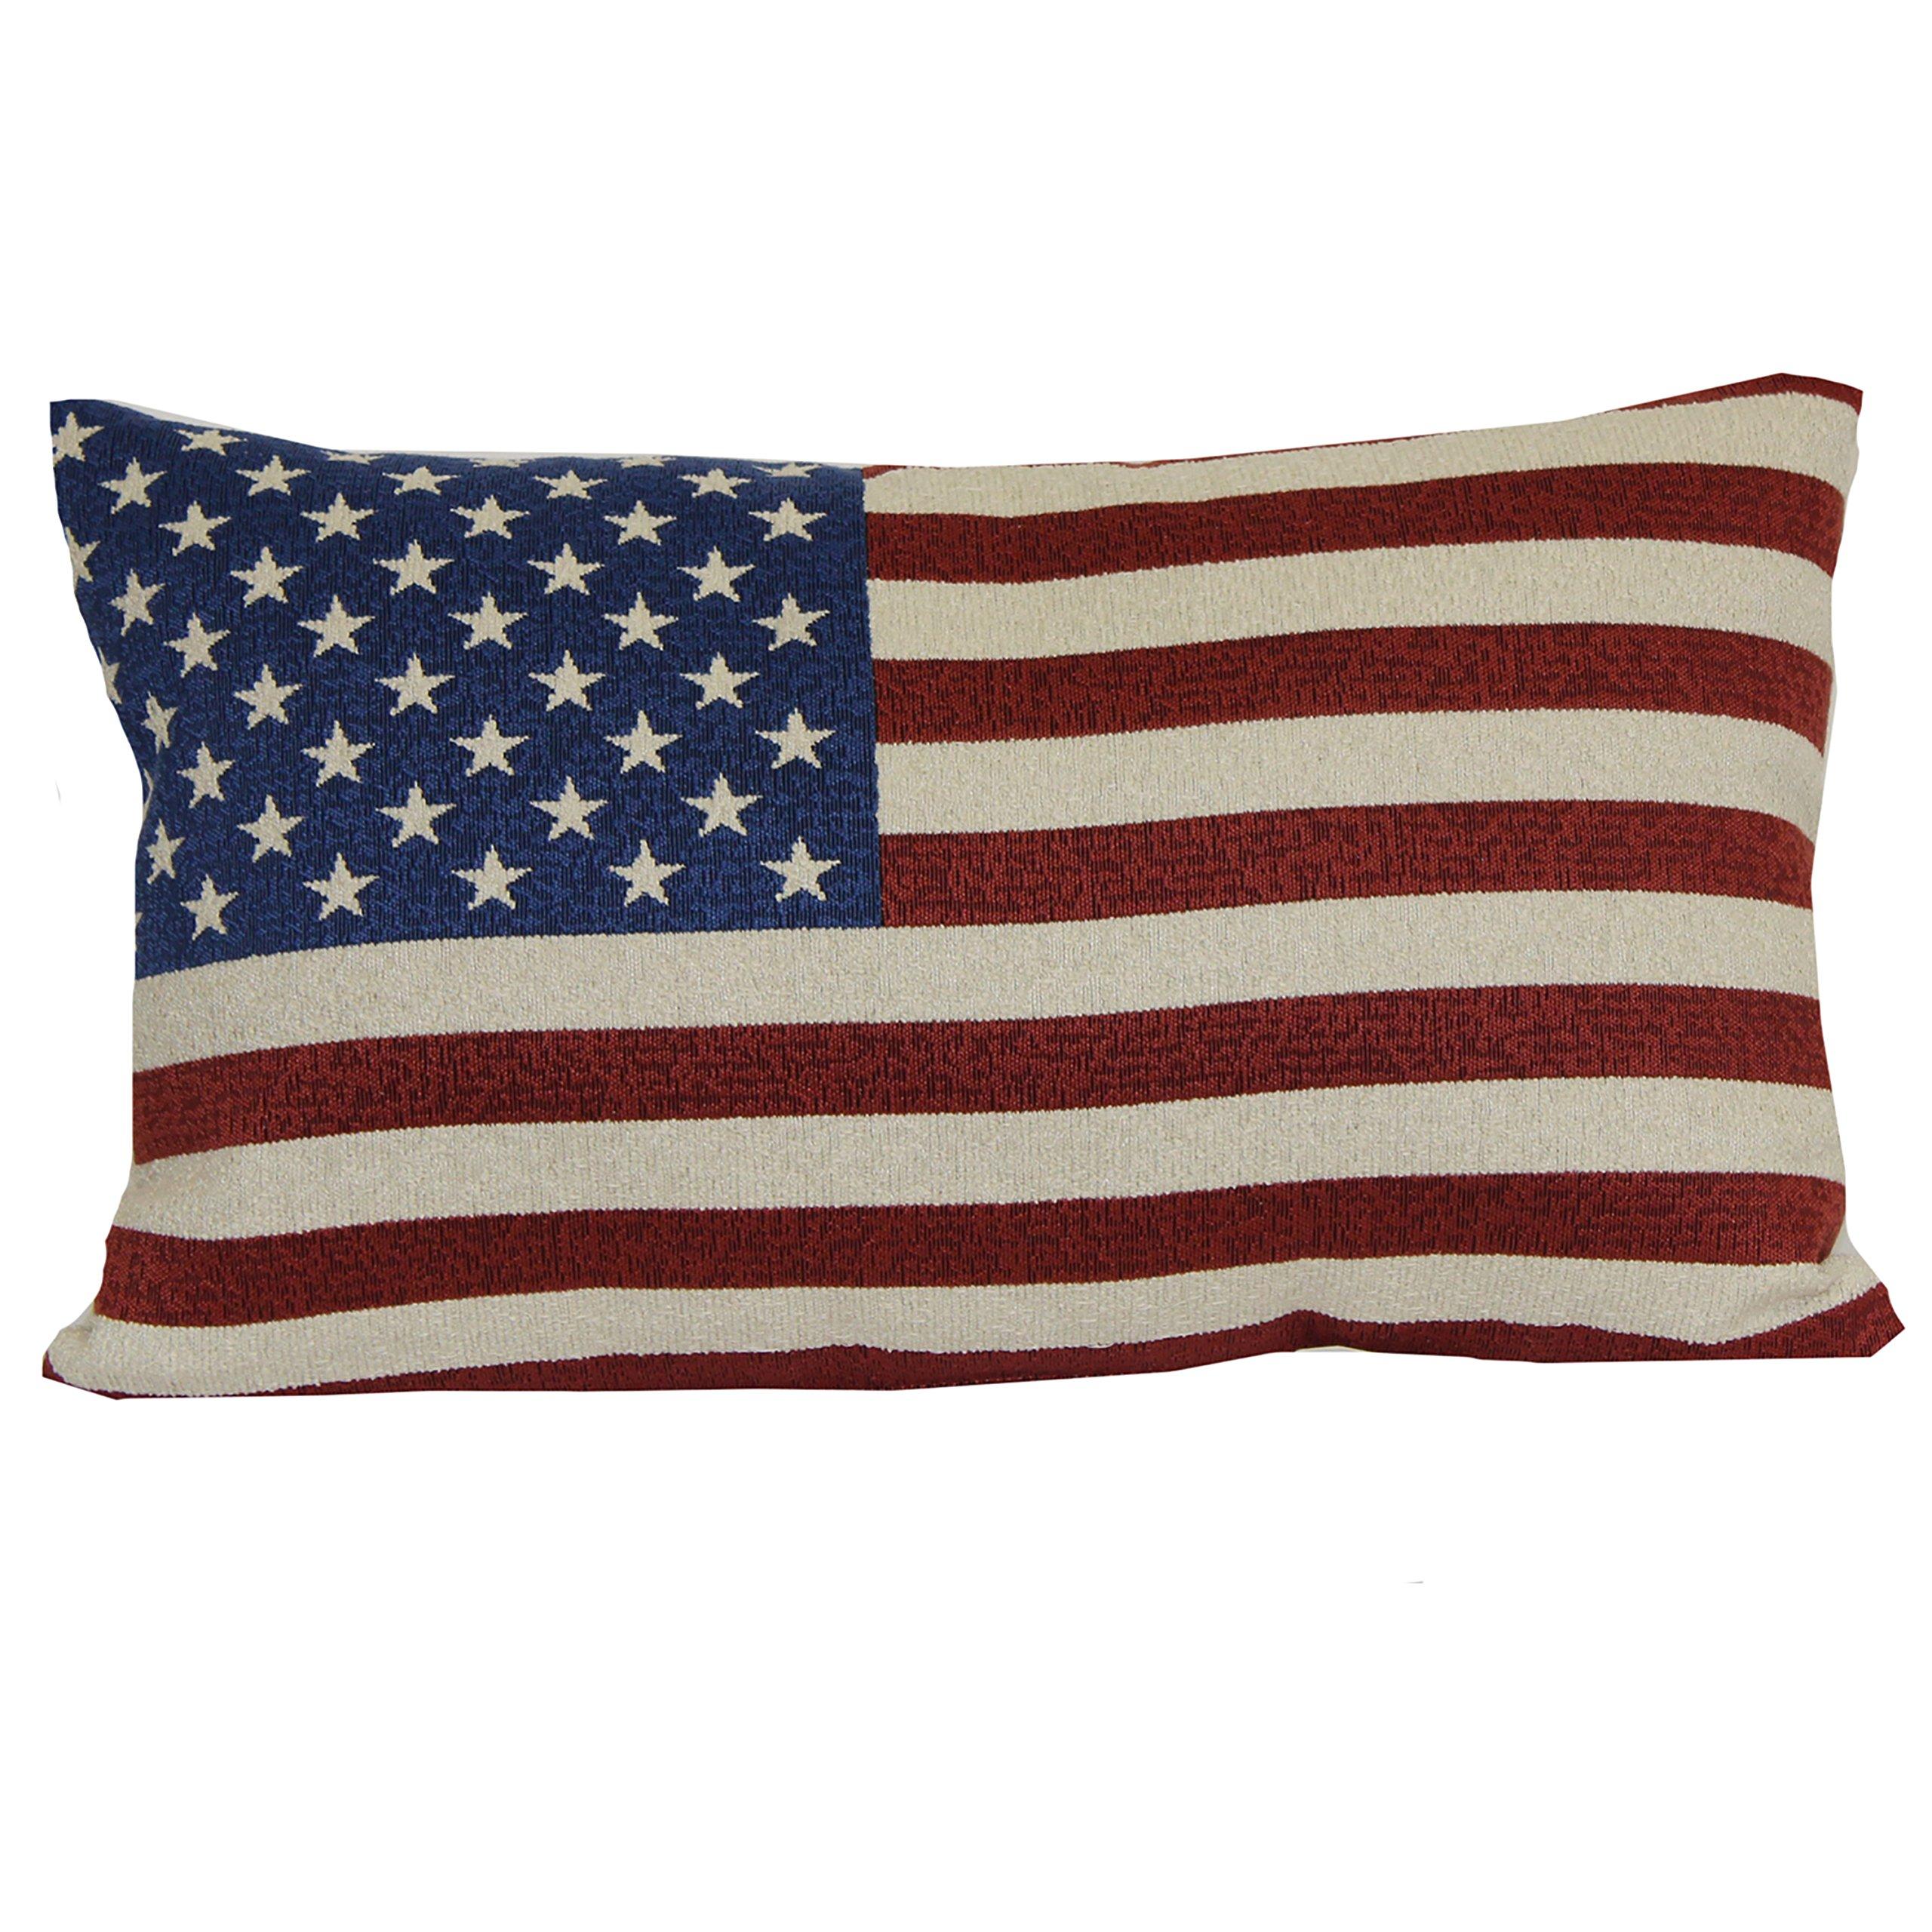 Brentwood Originals 08415001 Indoor/Outdoor Pillow, 12'' x 20'', American Flag